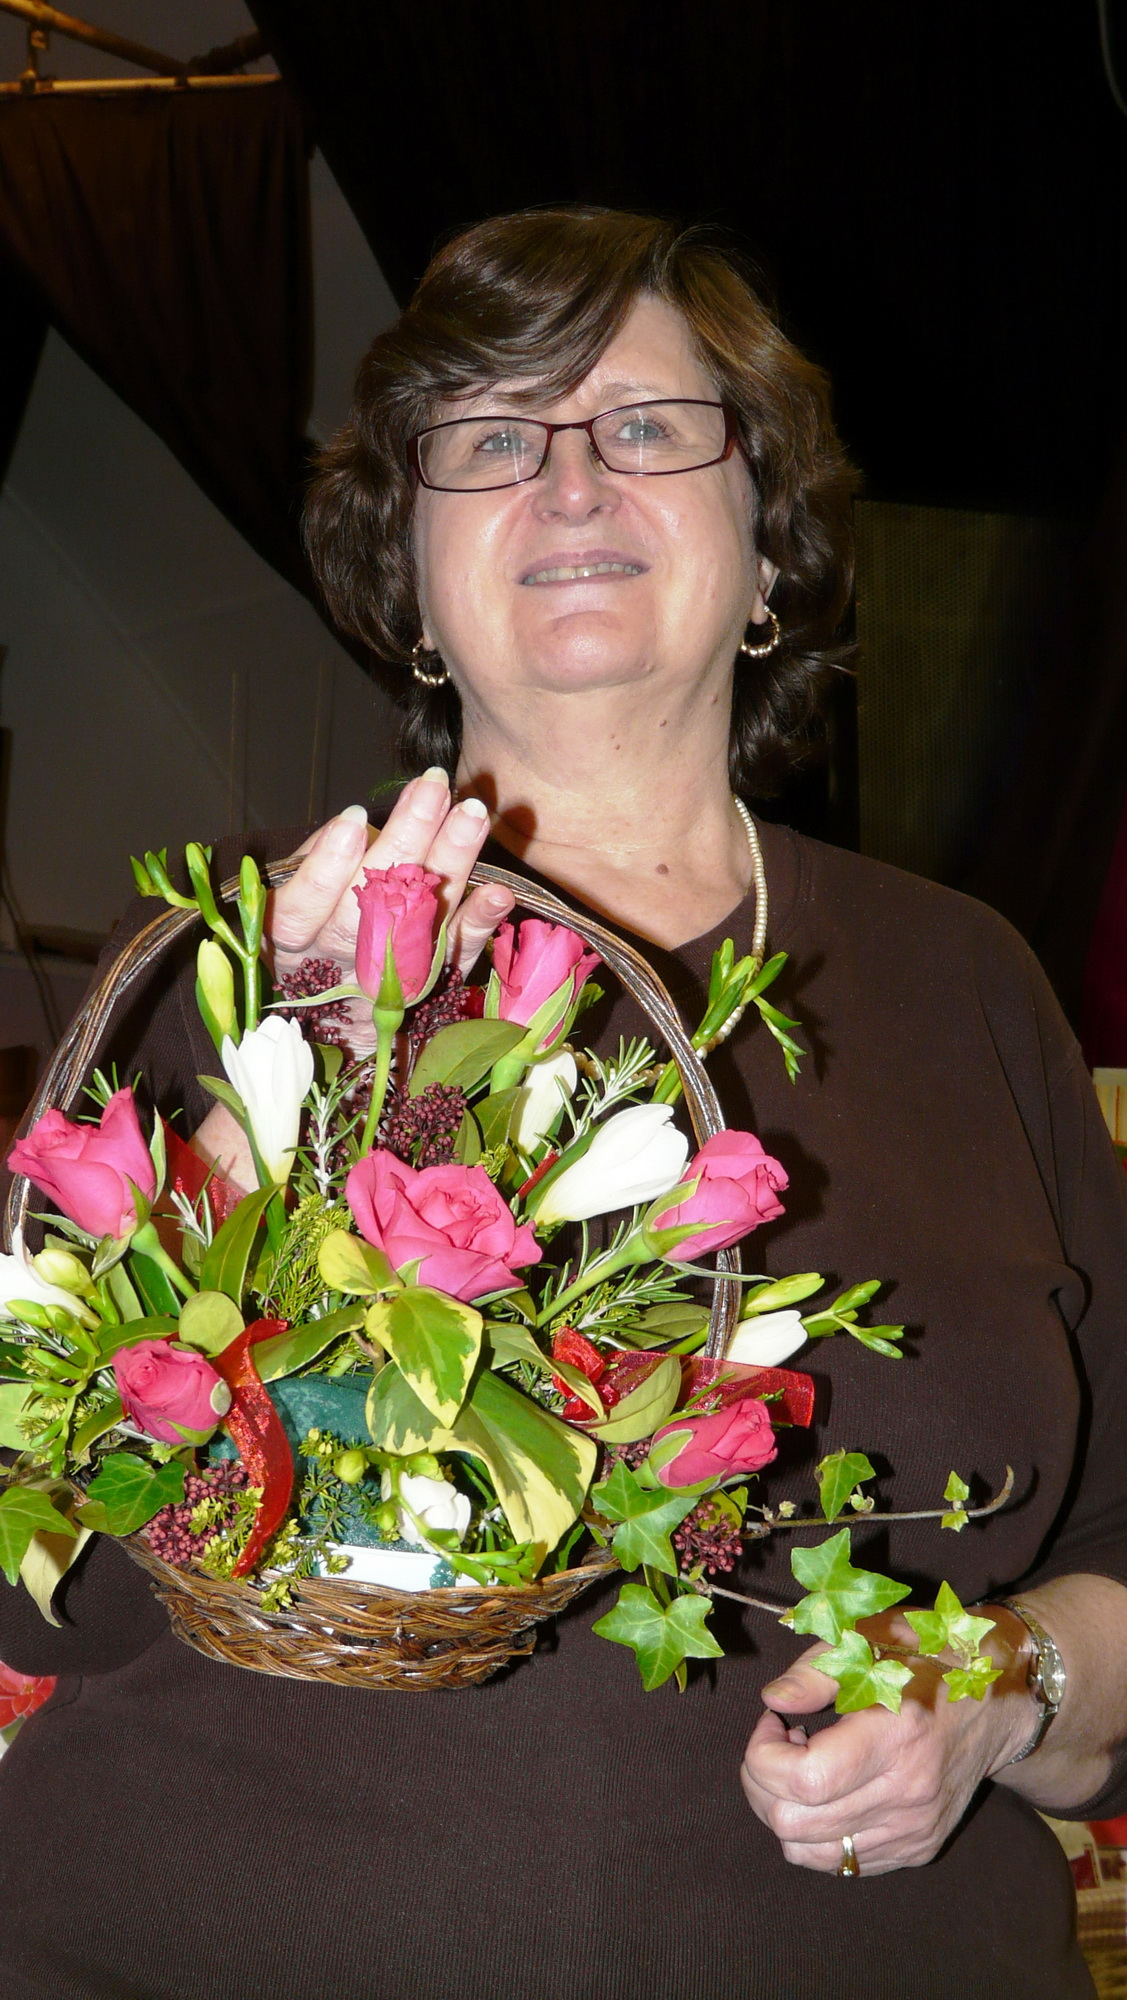 Trowell Parish Council Chair Julie Bryant receiving a bouquet